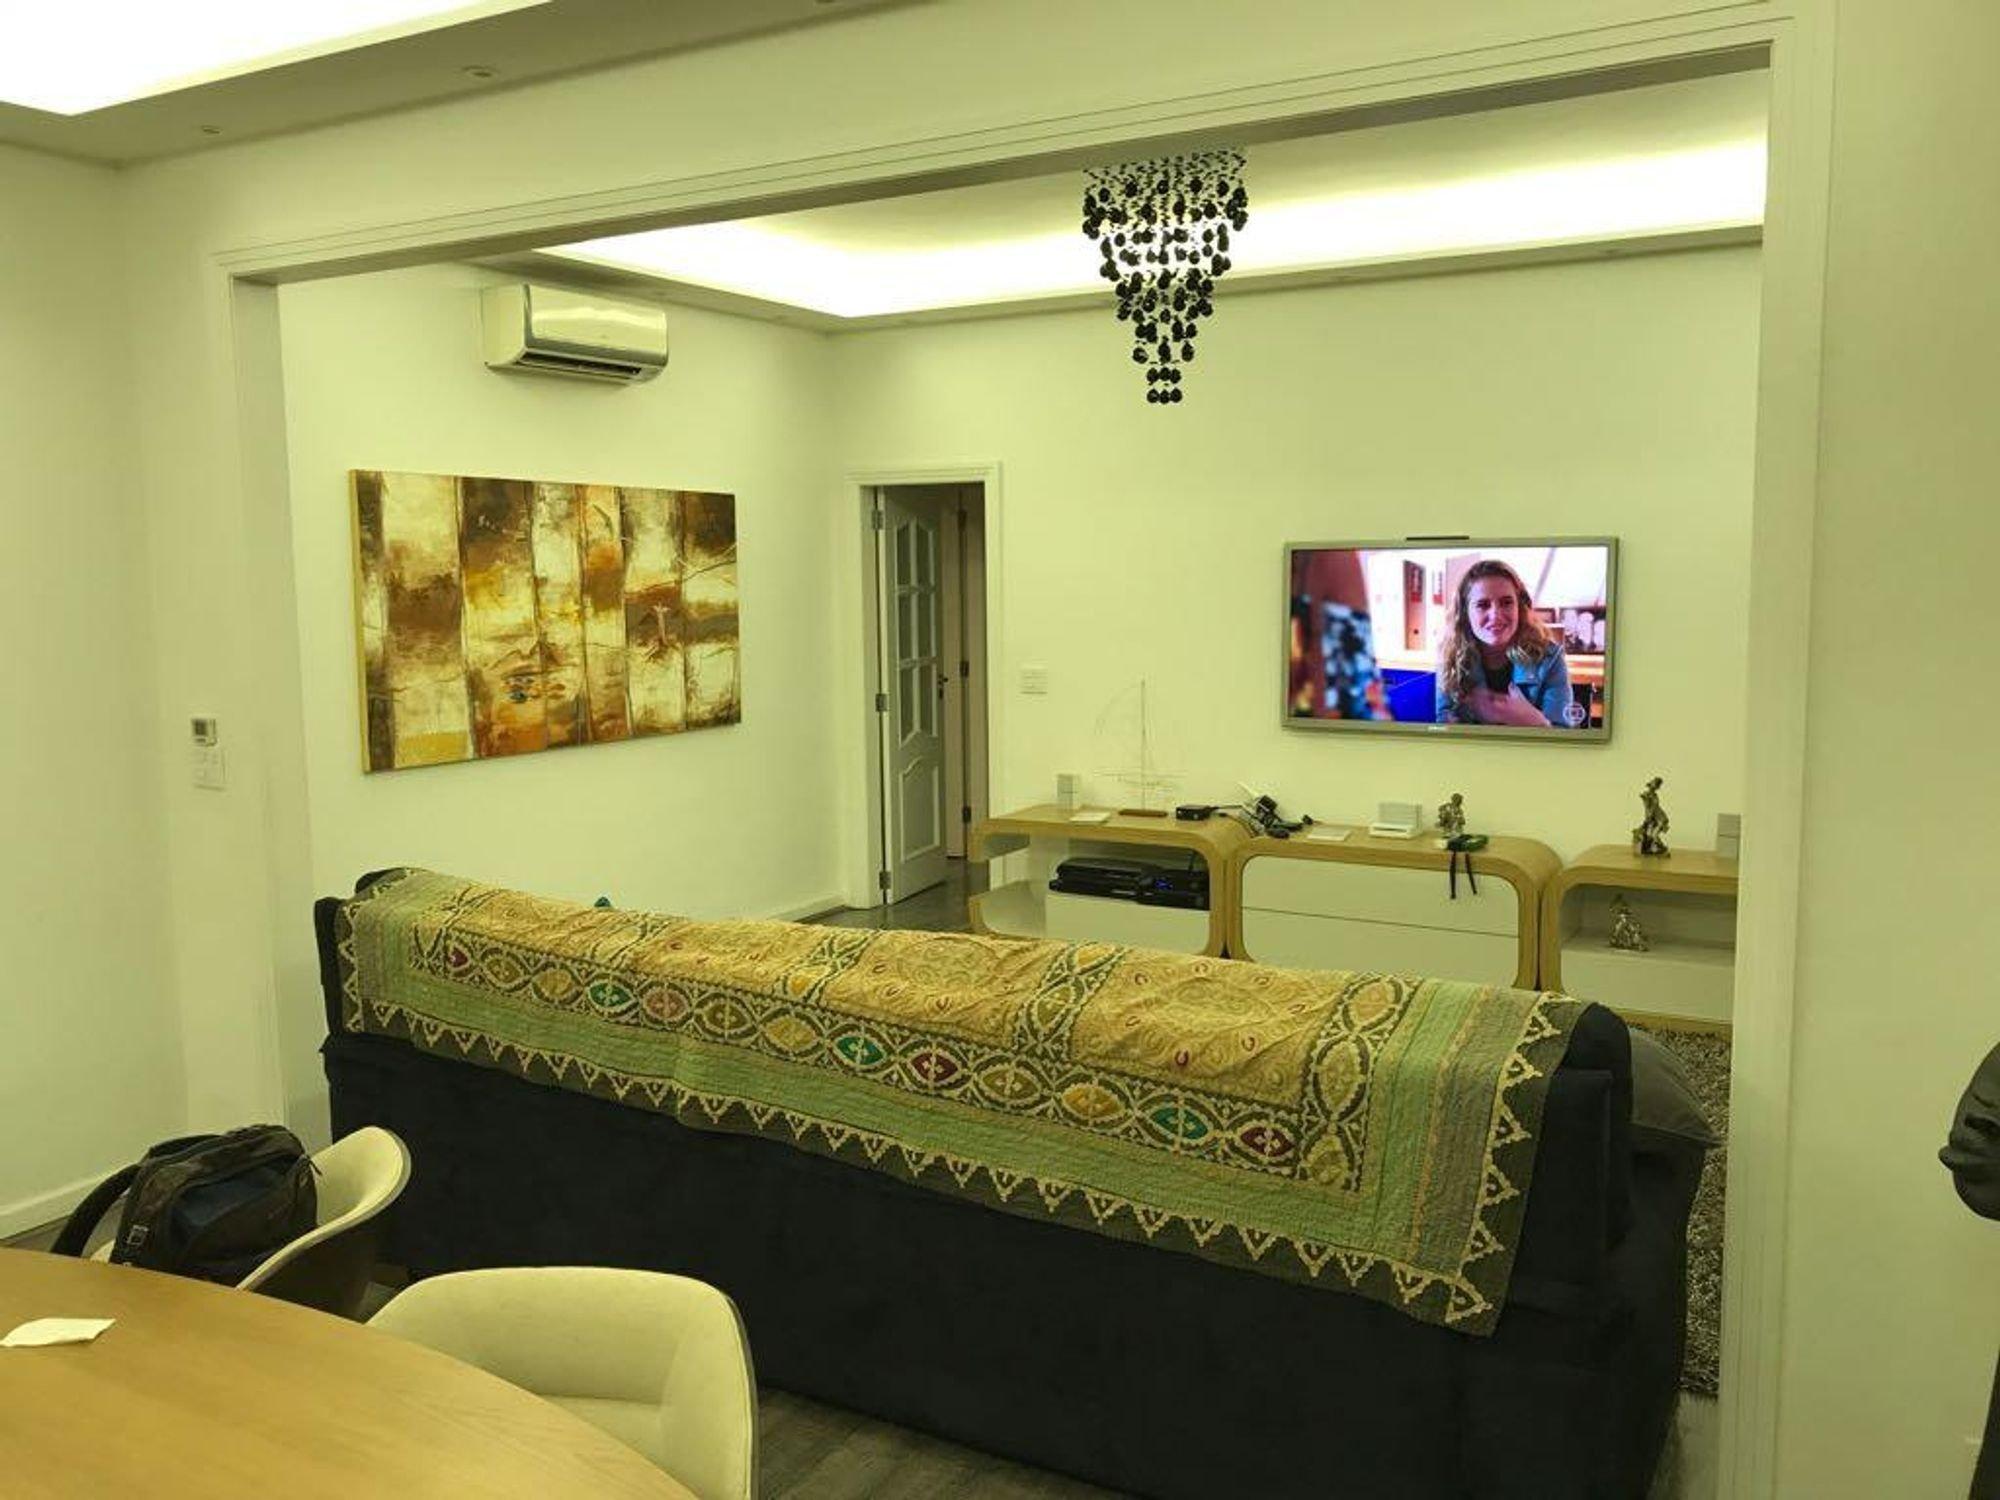 Foto de Sala com cama, mesa de jantar, mochila